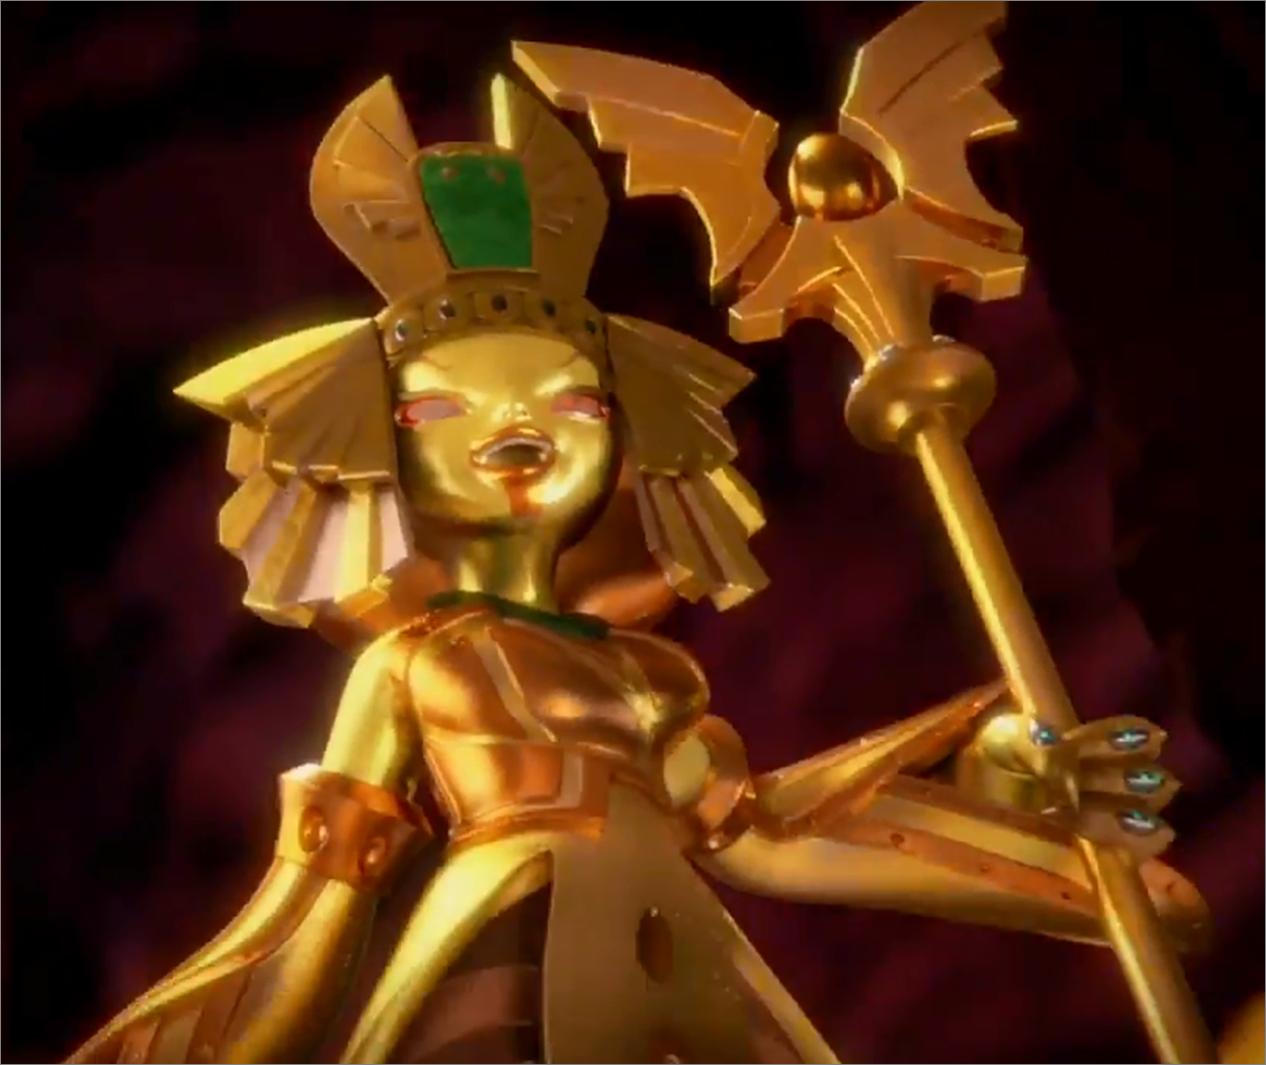 Taller de ianmiara Golden_Queen